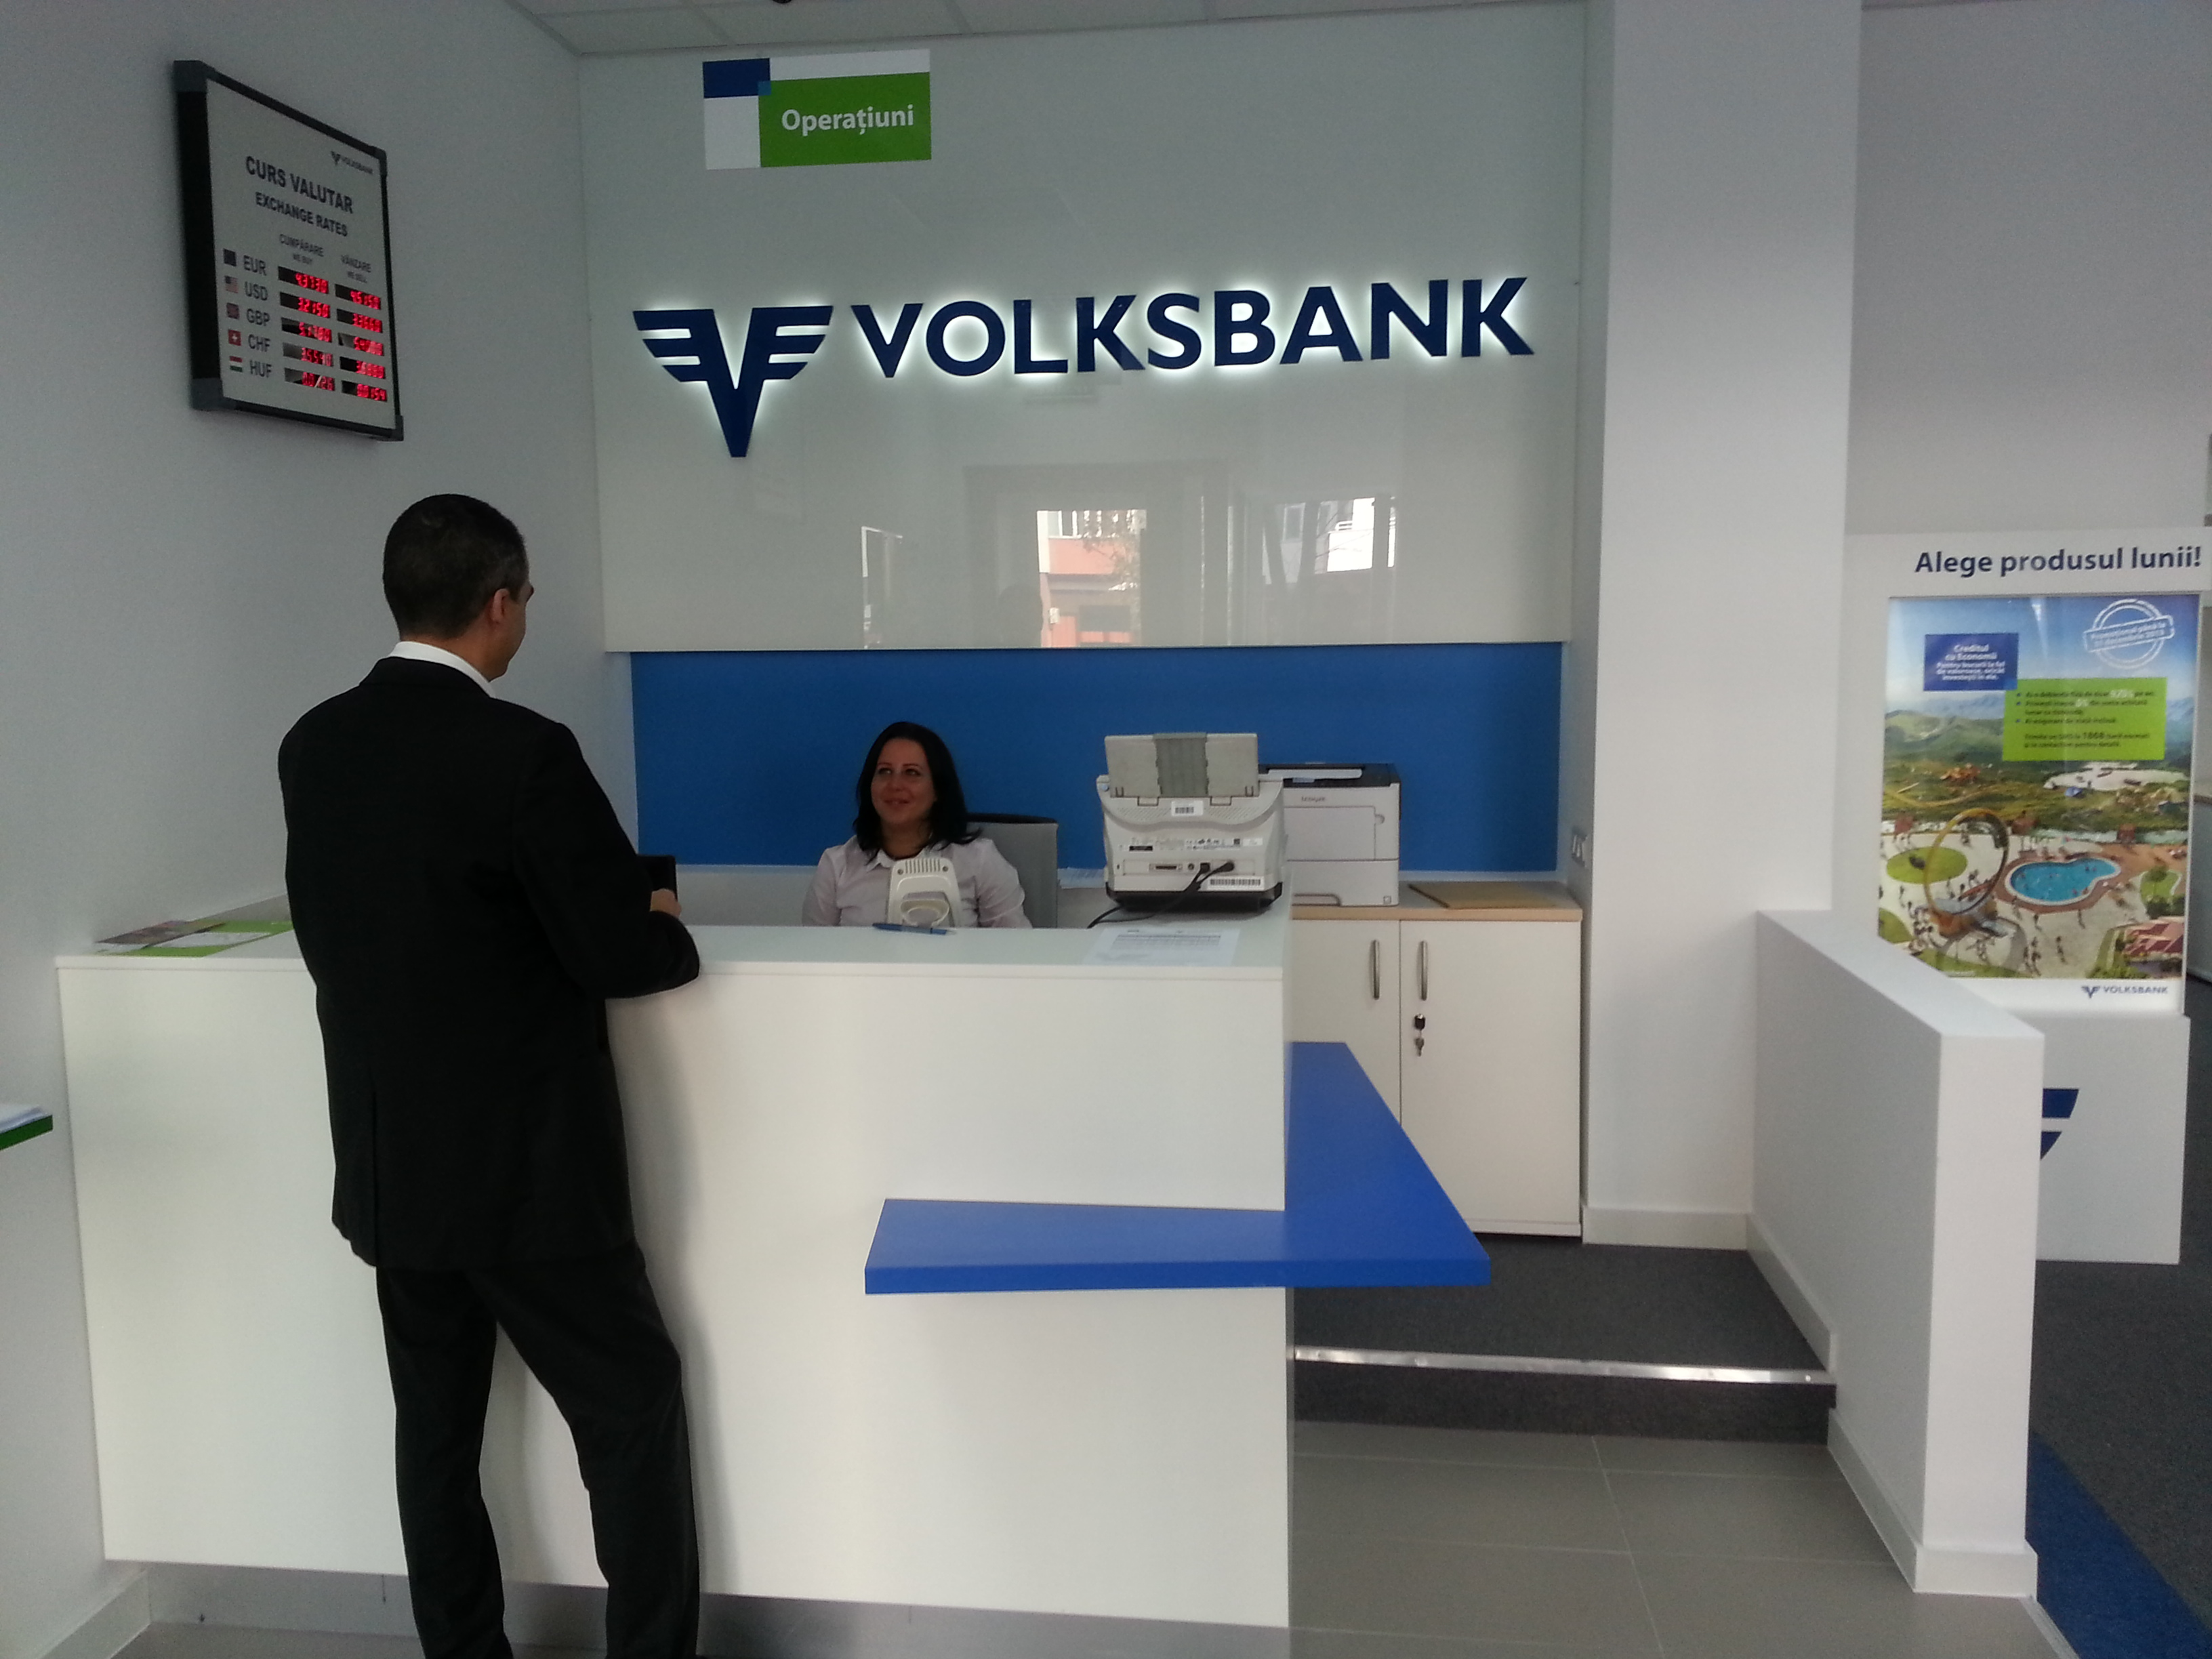 Volksbank deschide o nouă sucursală în Bucureşti